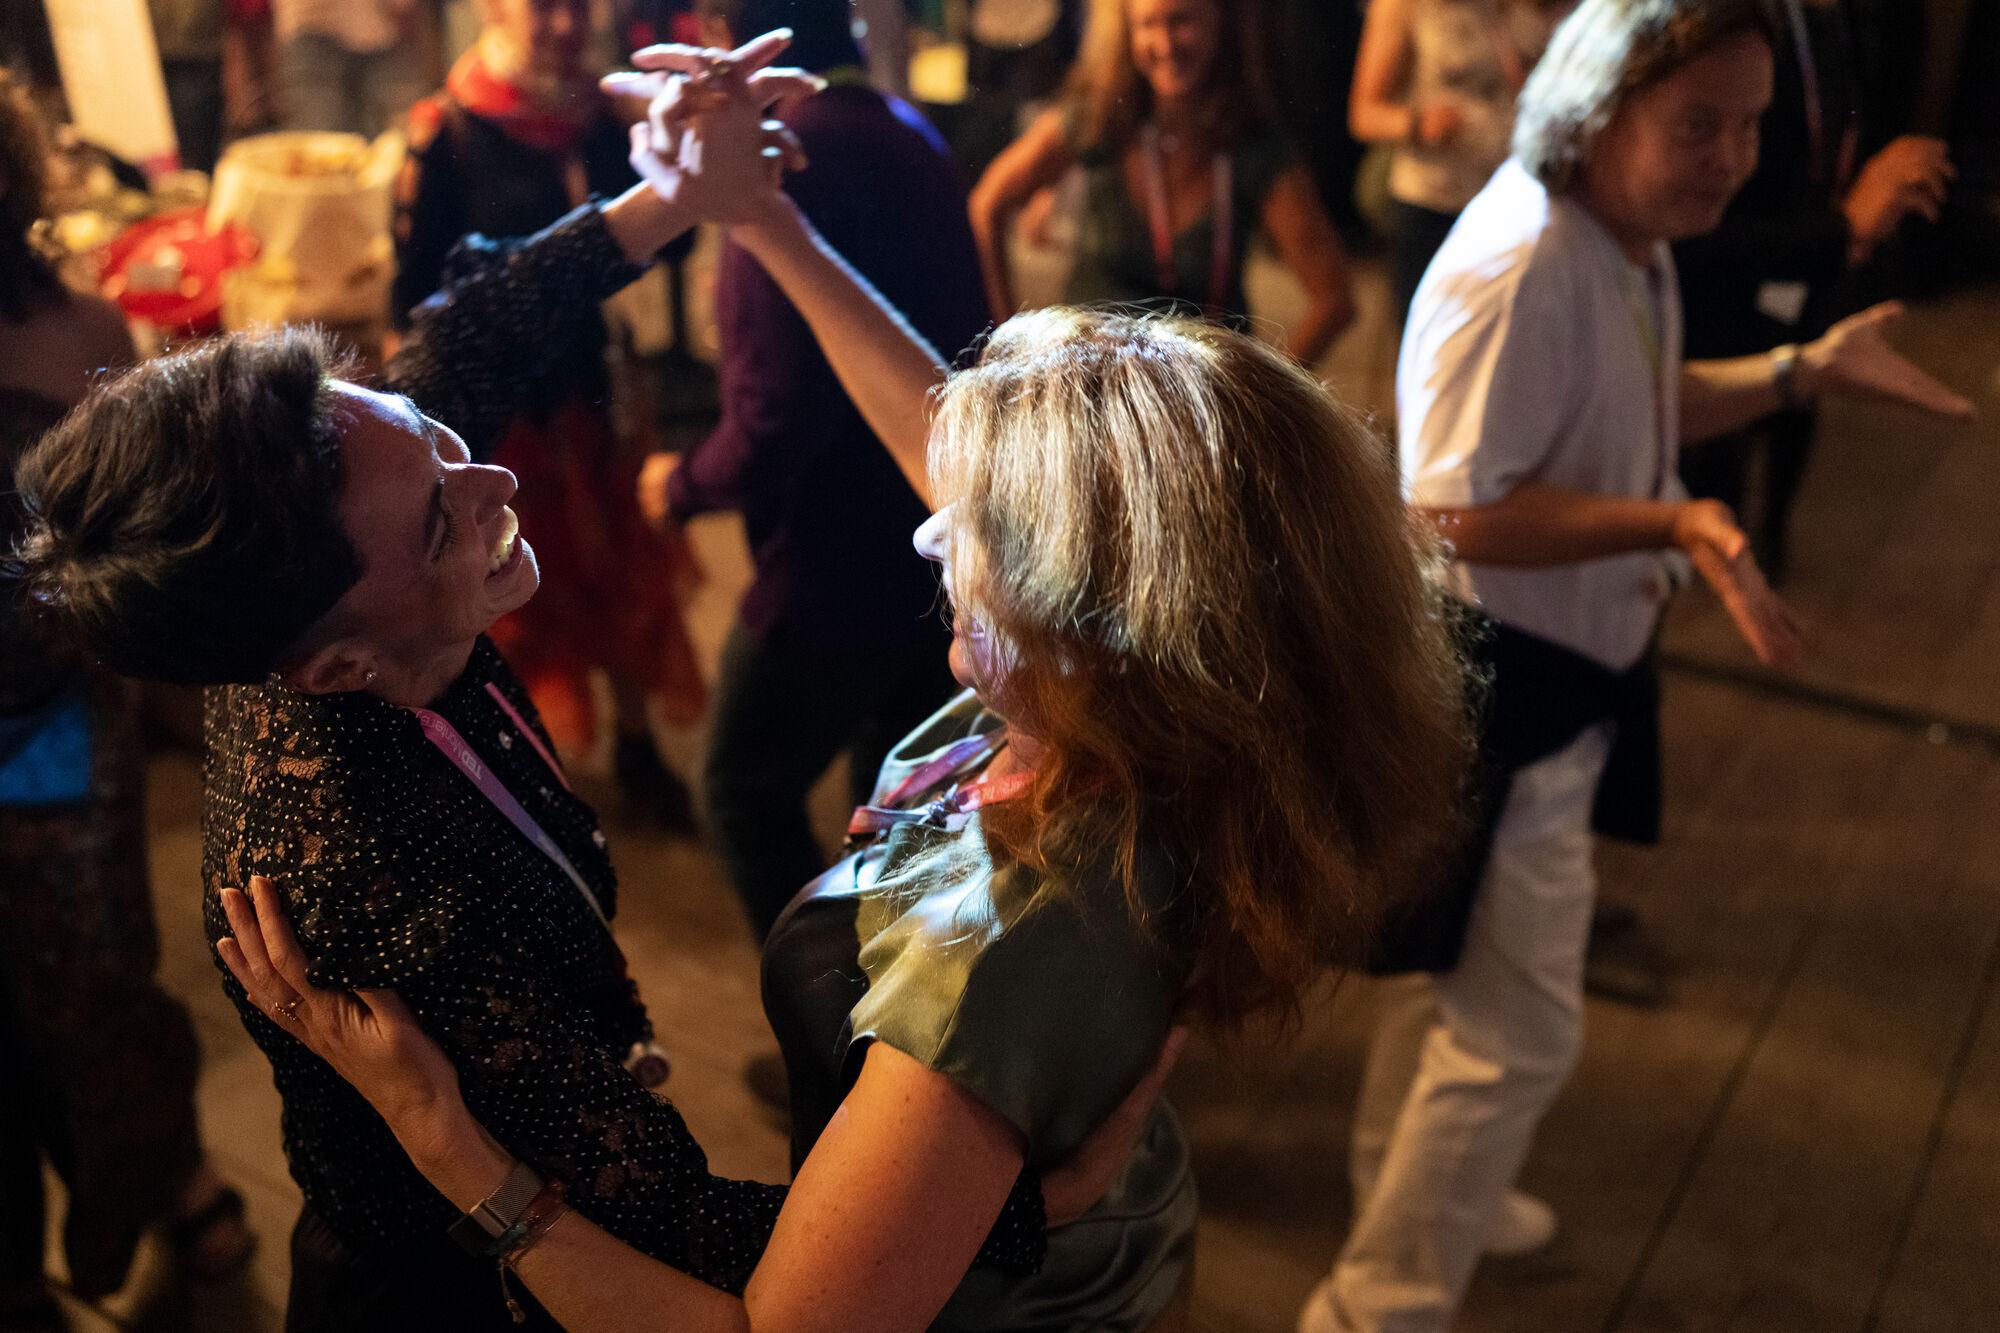 Dancing at TEDMonterey